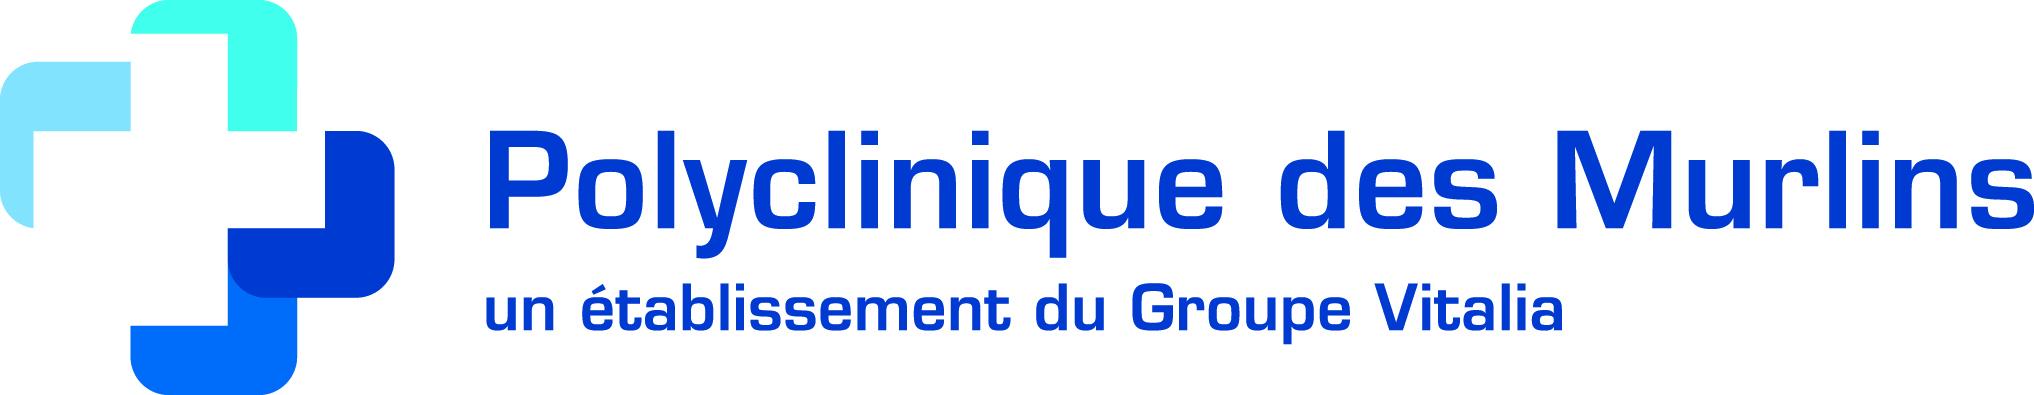 logo murlins QUAD